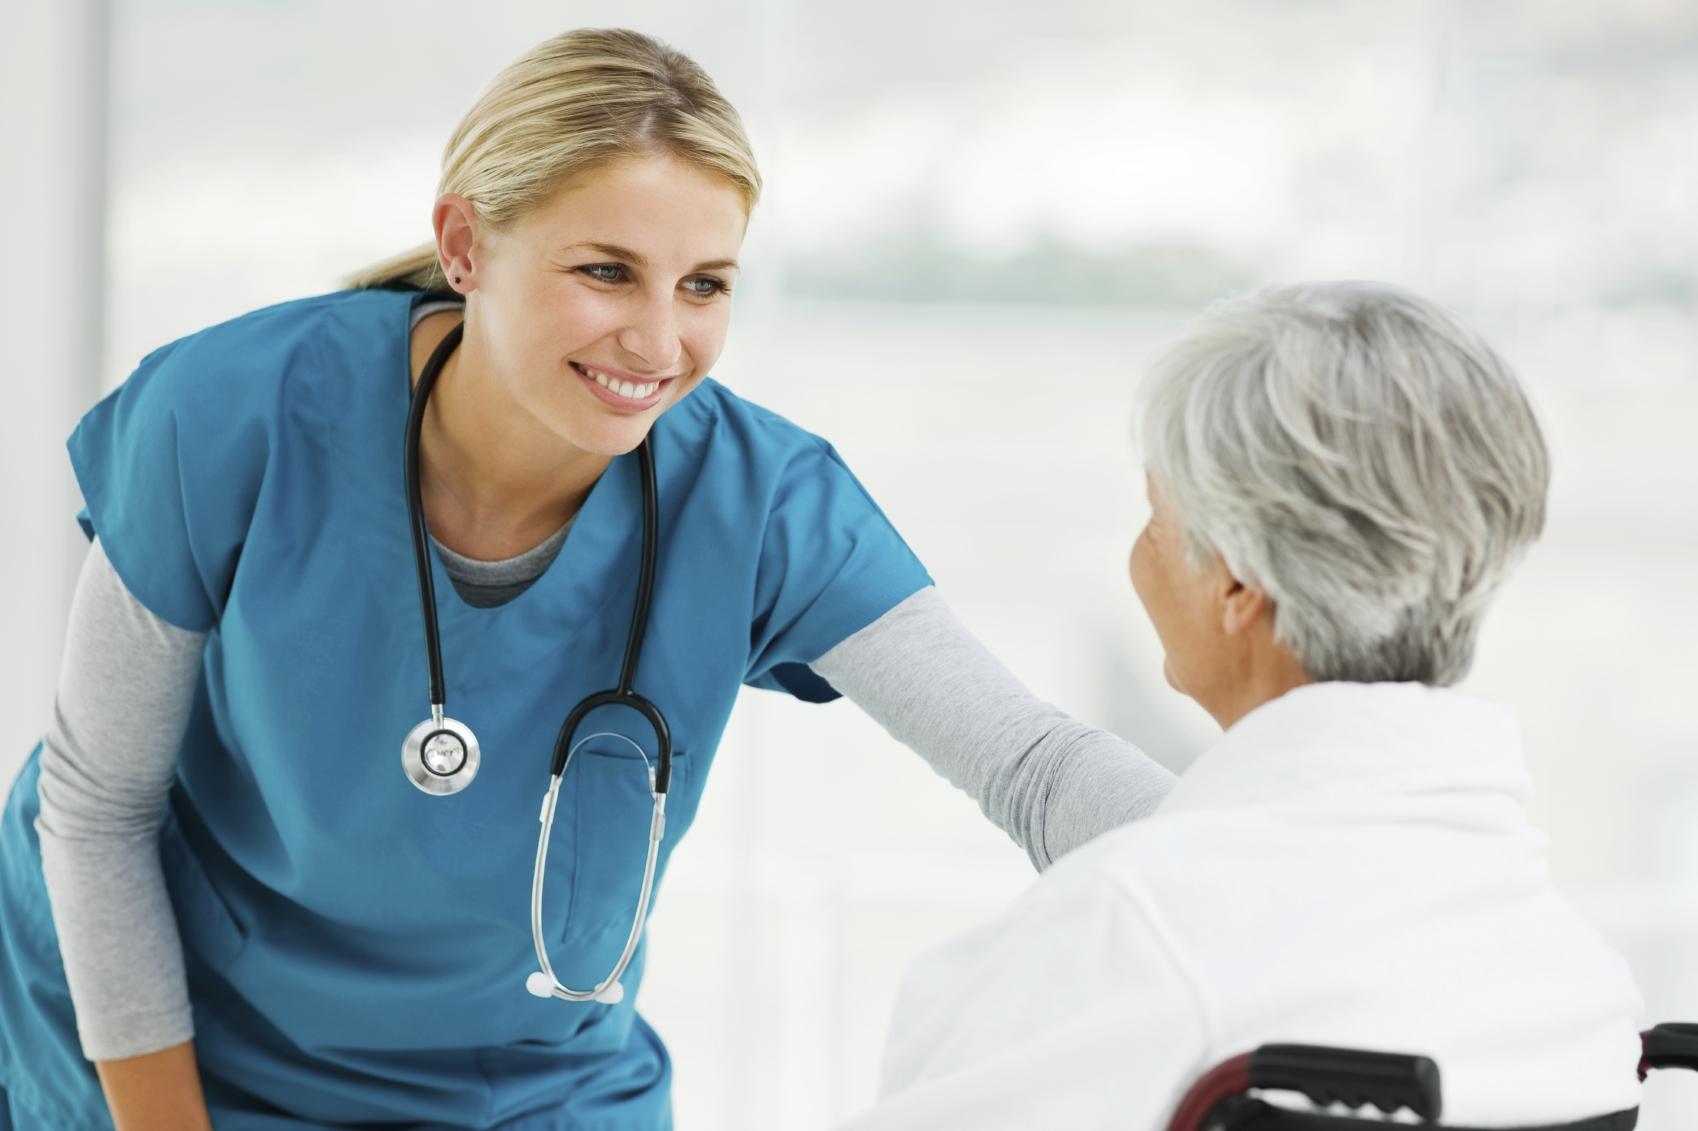 برامج الصحة - نقدم أفضل العناية الصحية والتشخيصات والكشوفات الطبية من أفضل المستشفيات الجامعية الكورية. بالإضافة إلى تقديم البرامج السياحية المناسبة لنقهاتكم.